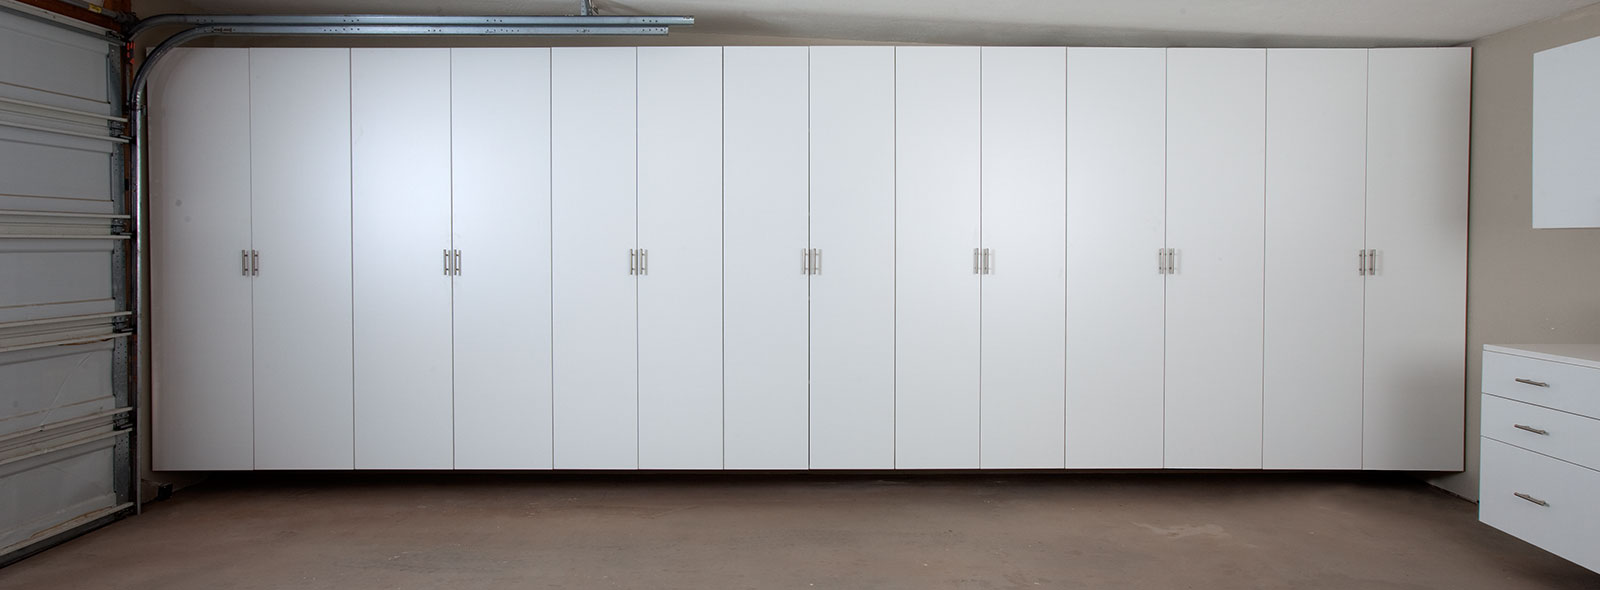 Matte Garage Cabinets